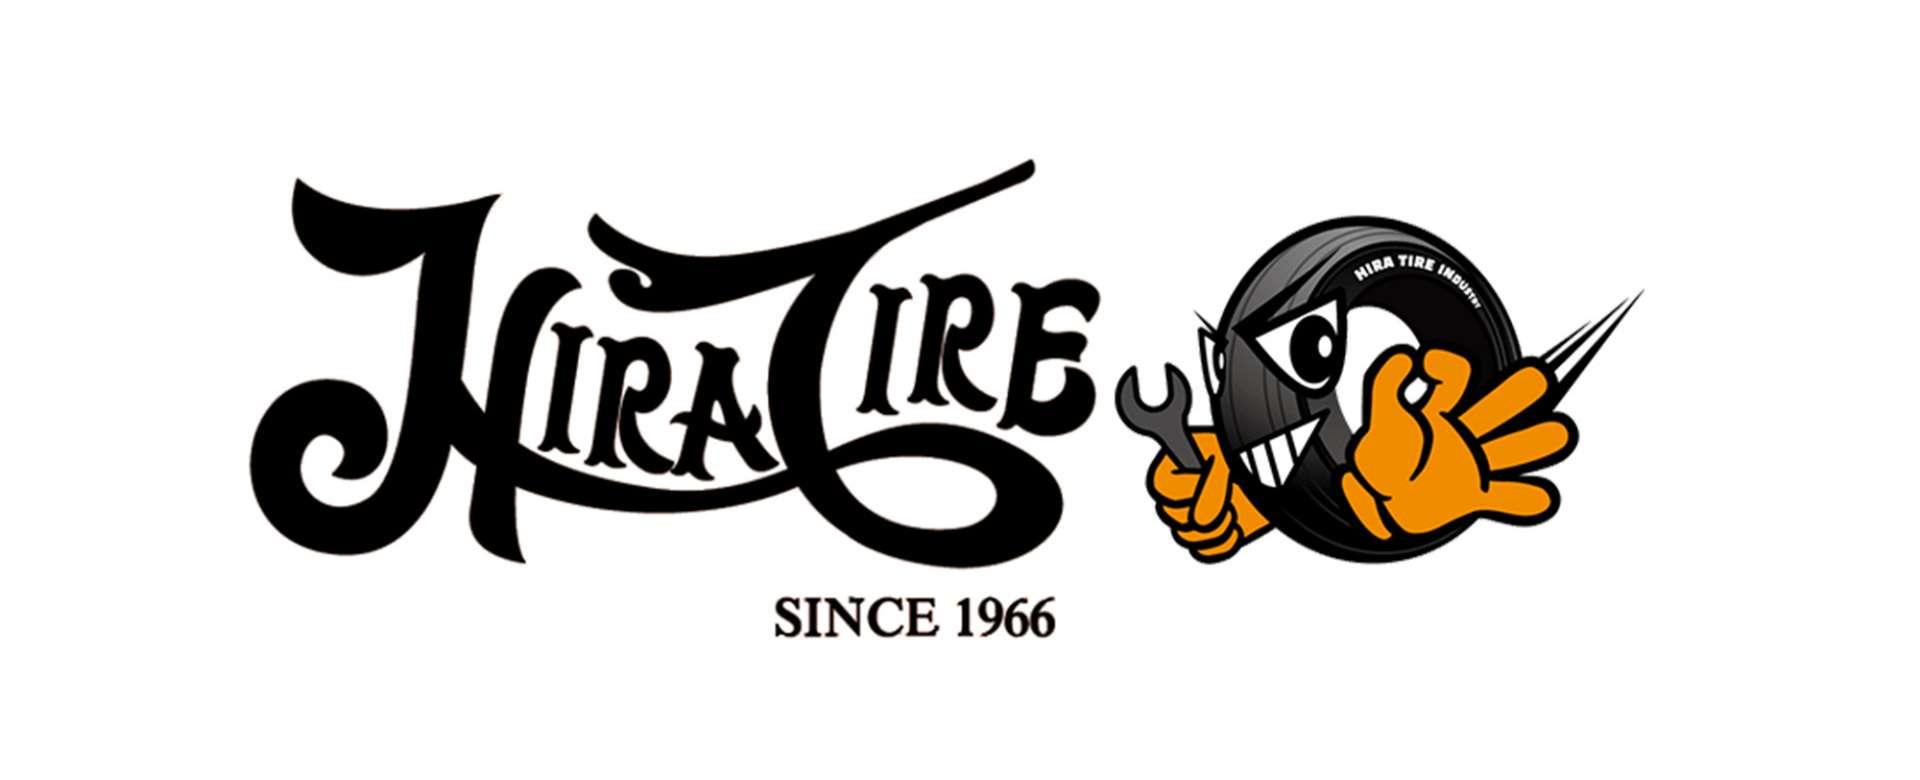 比良タイヤ工業所/地元に愛されて54年創業1966年の実績を持つタイヤ専門店